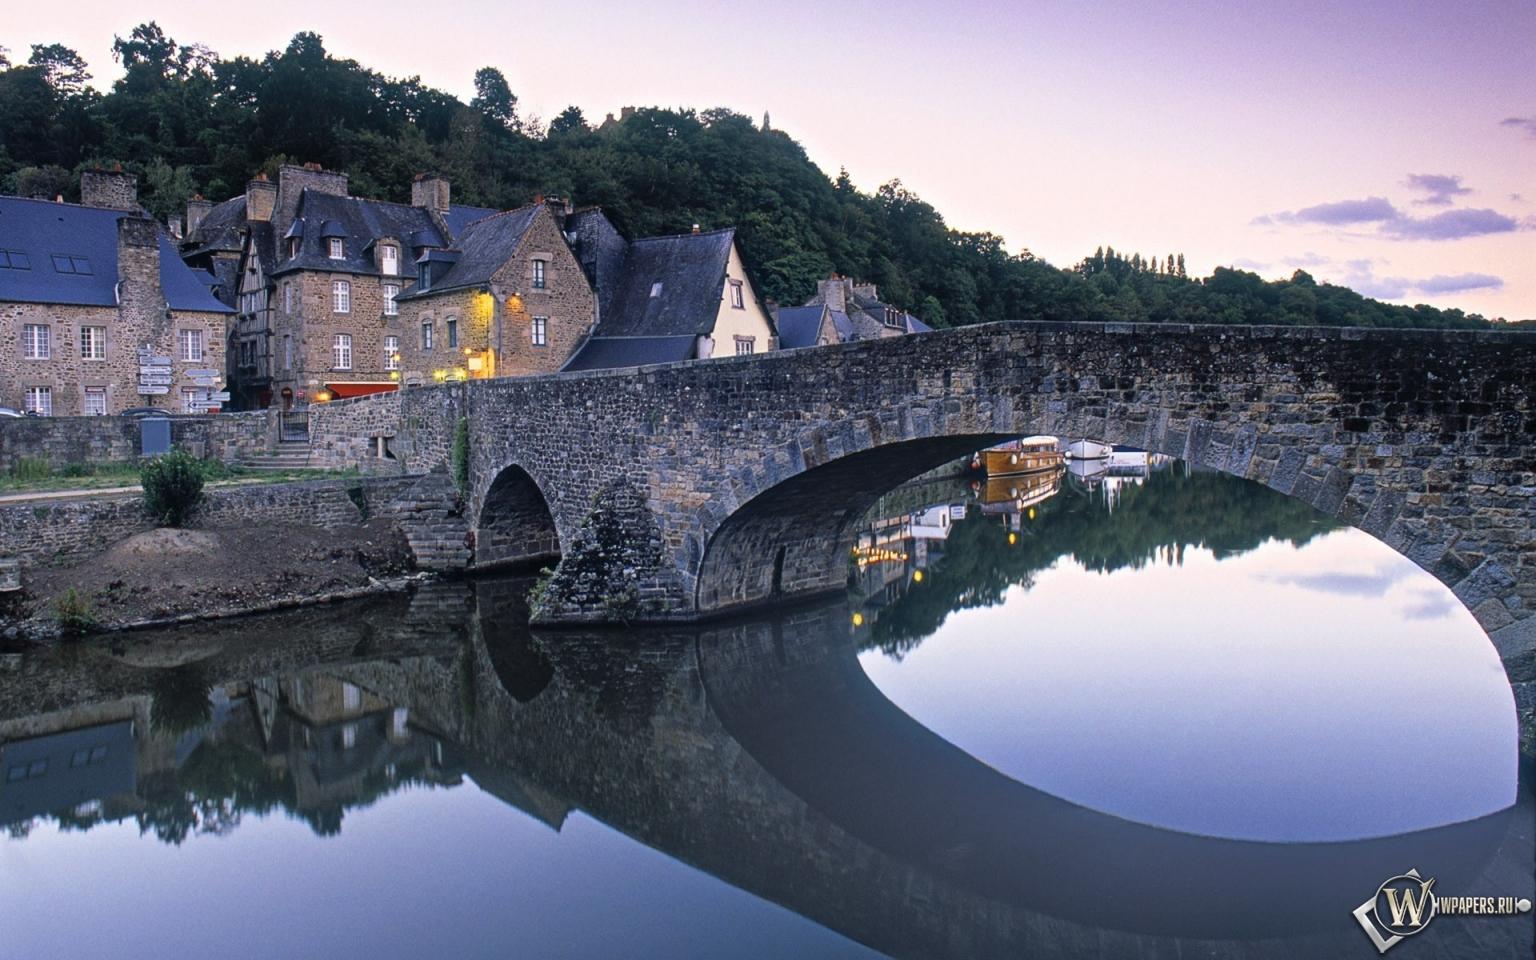 Мост франция дома 1536x960 картинки